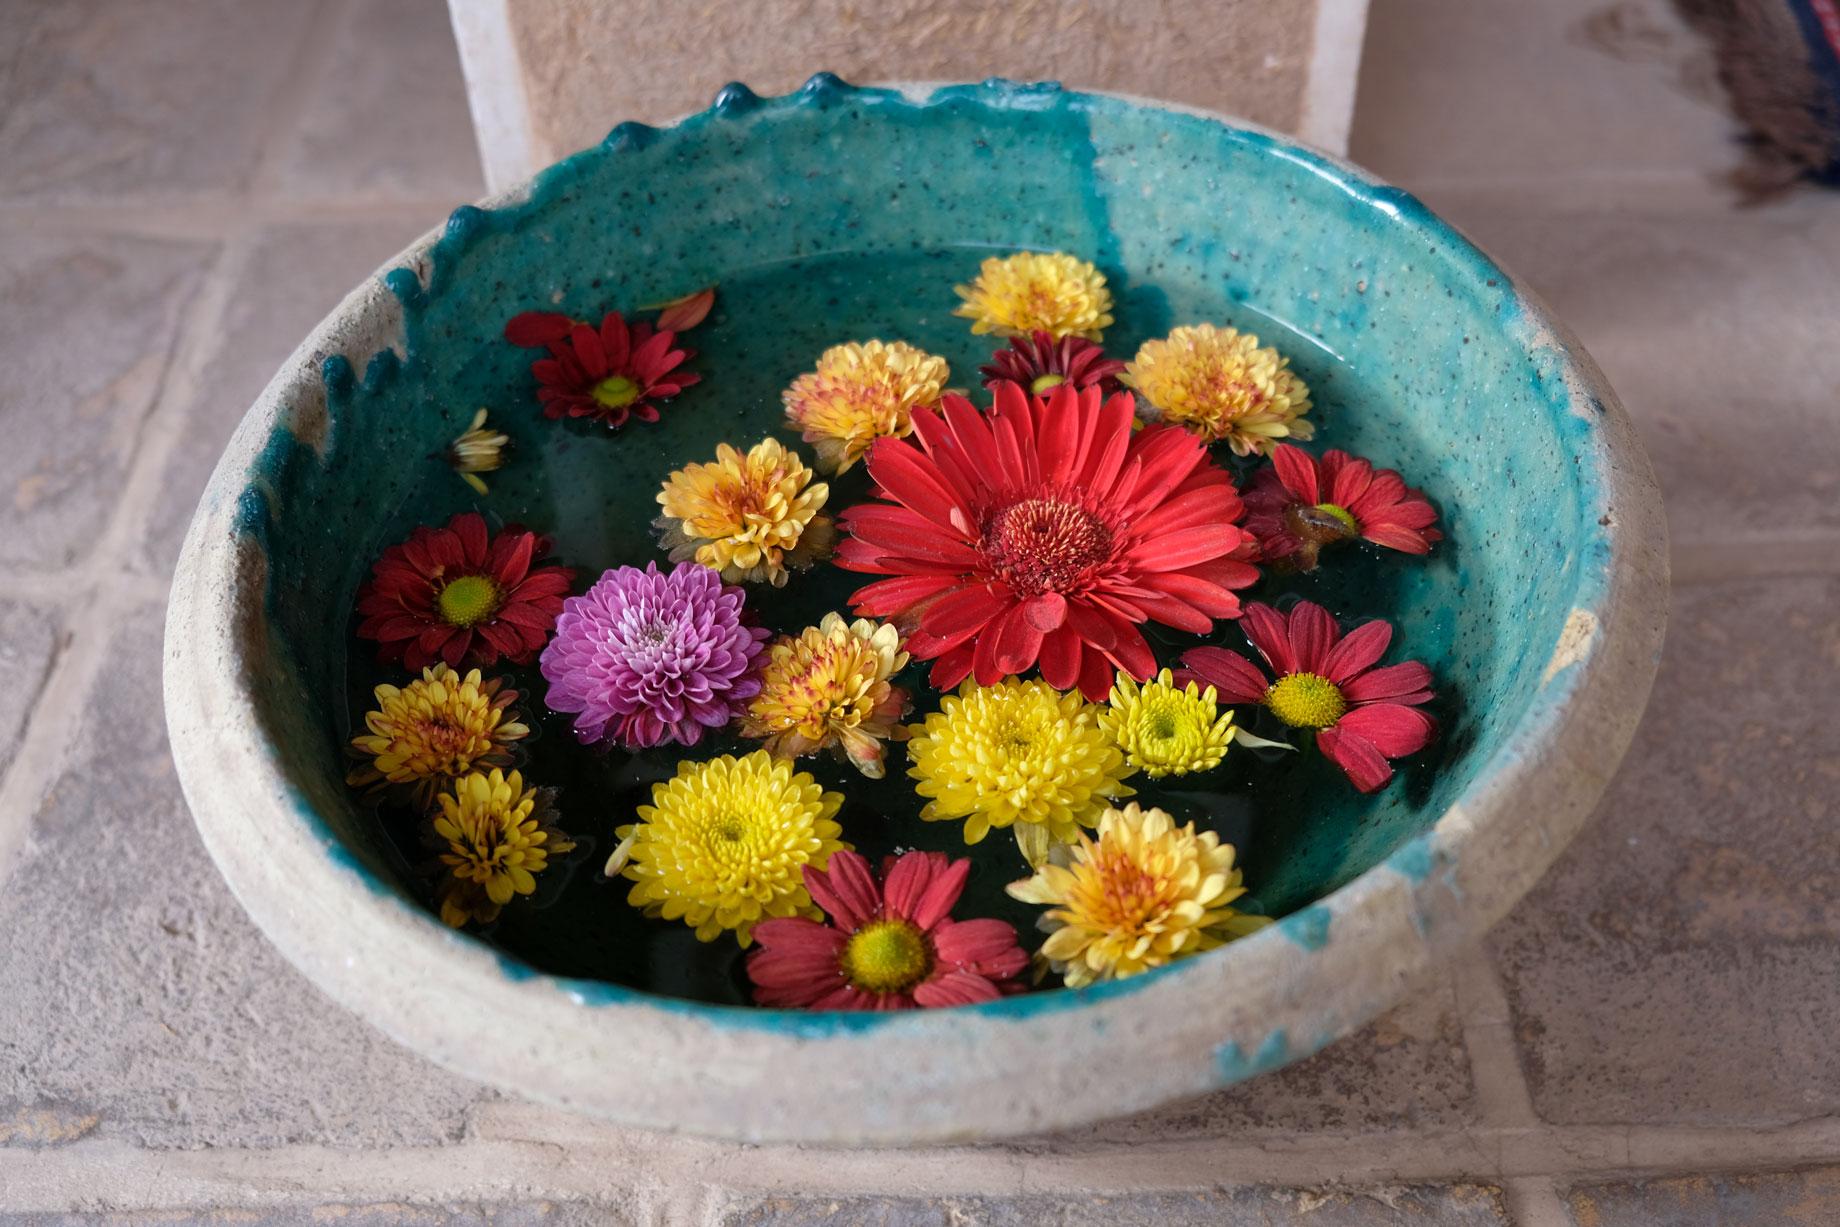 Blumen schwimmen im Wasser eines runden Behälters